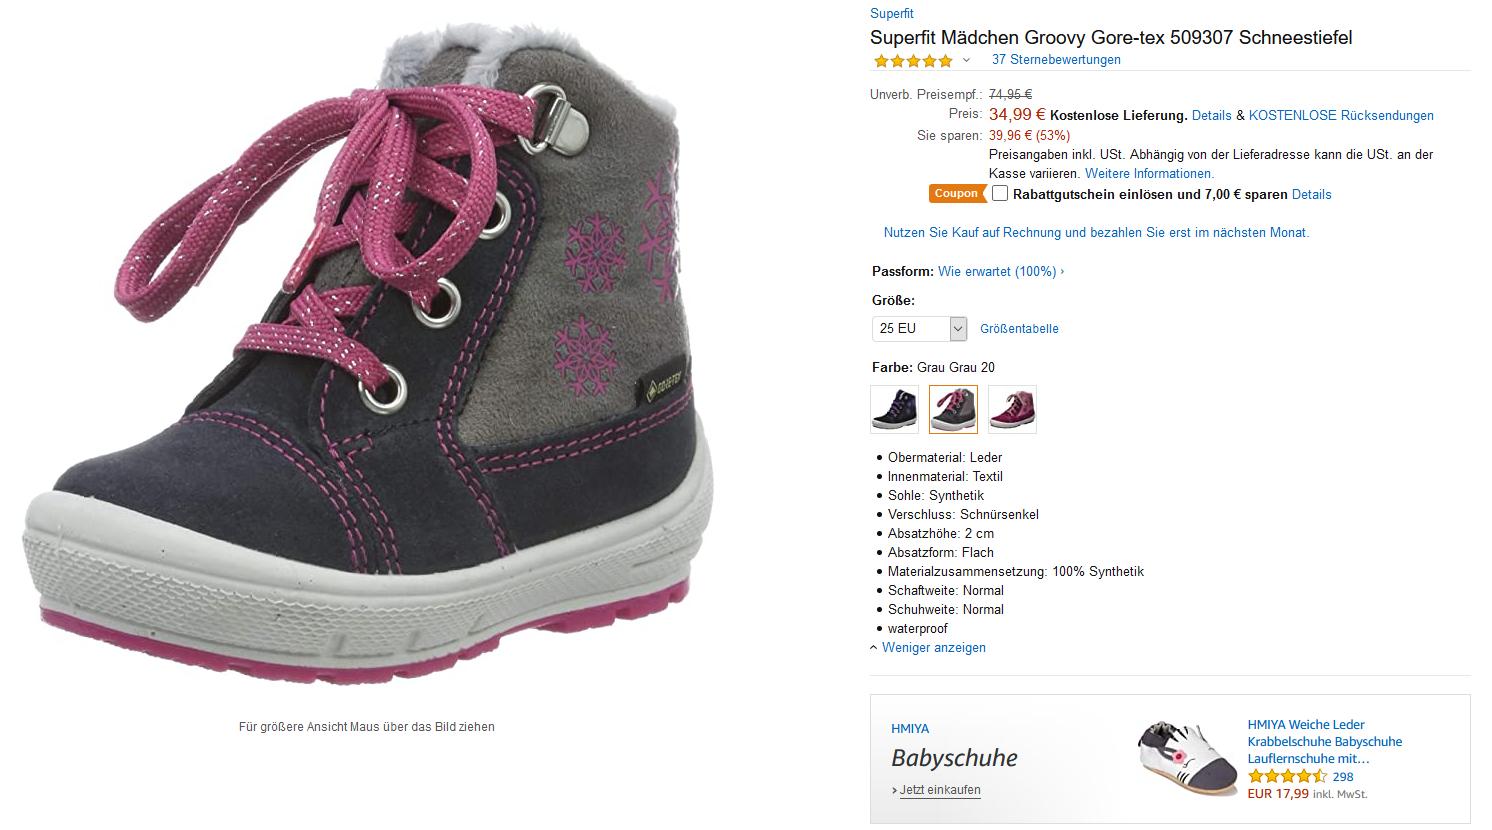 (Amazon prime) Superfit Mädchen Groovy Gore-tex 509307 Schneestiefel Kinder Schuhe Winterschuhe Kinderschuh versch. Größen